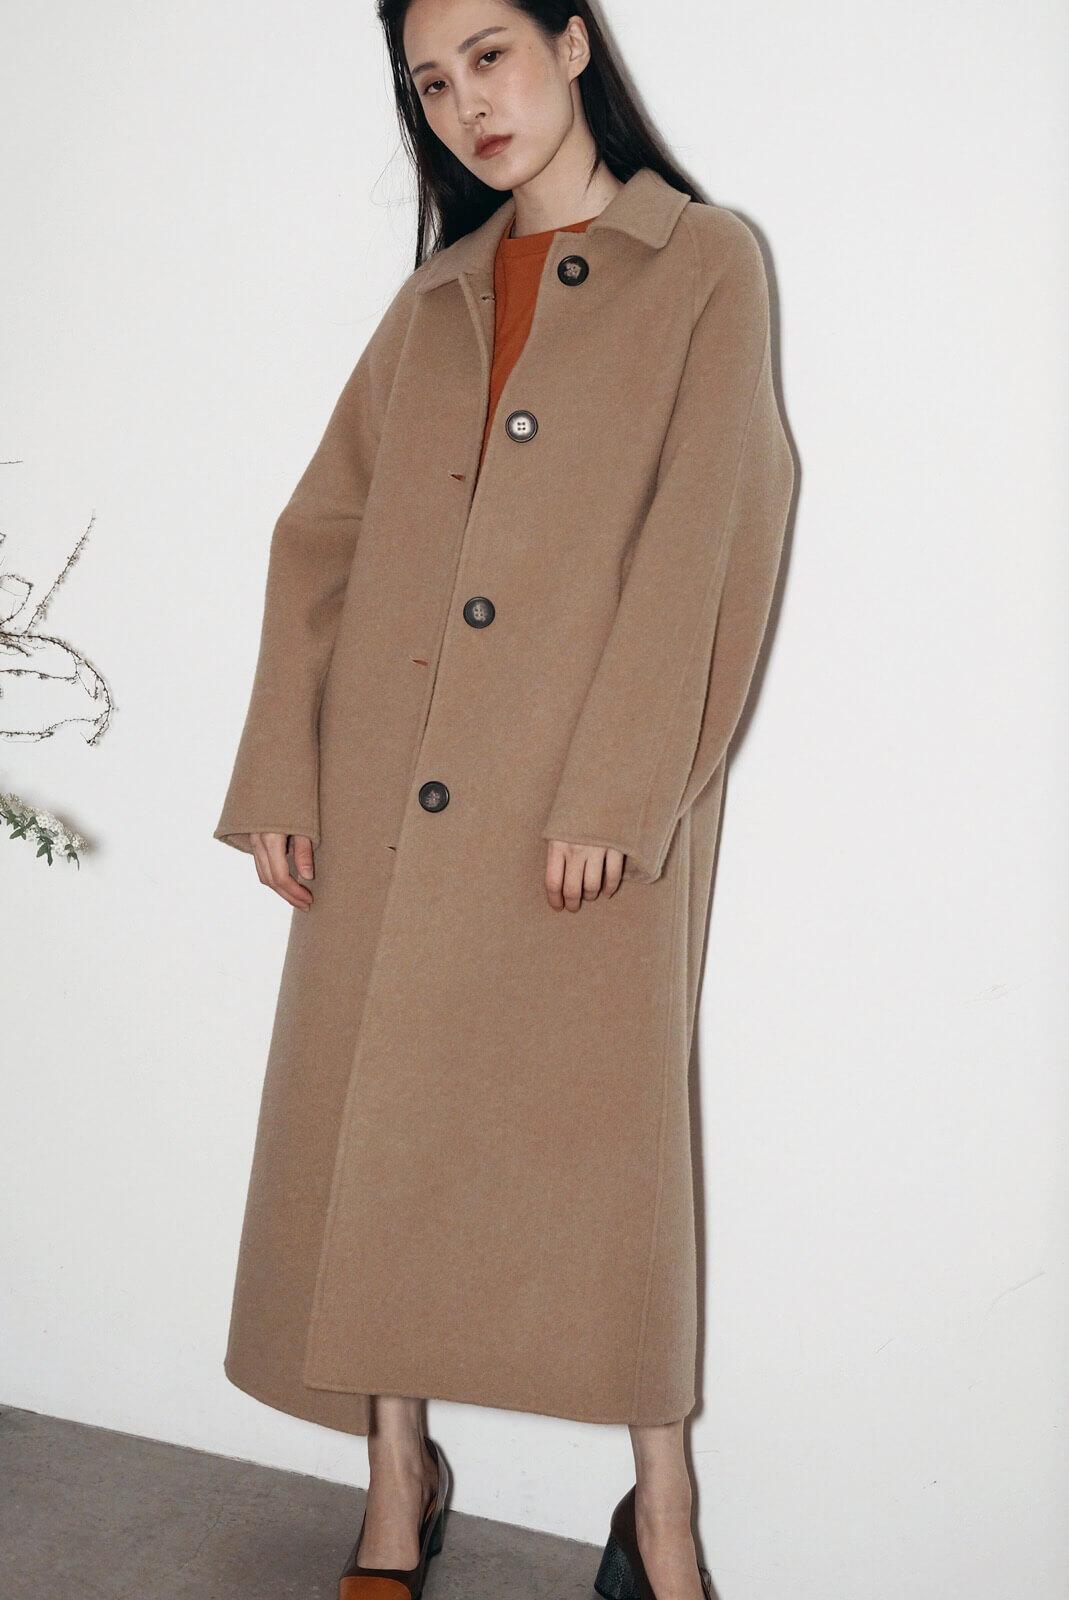 DC立體袖大衣